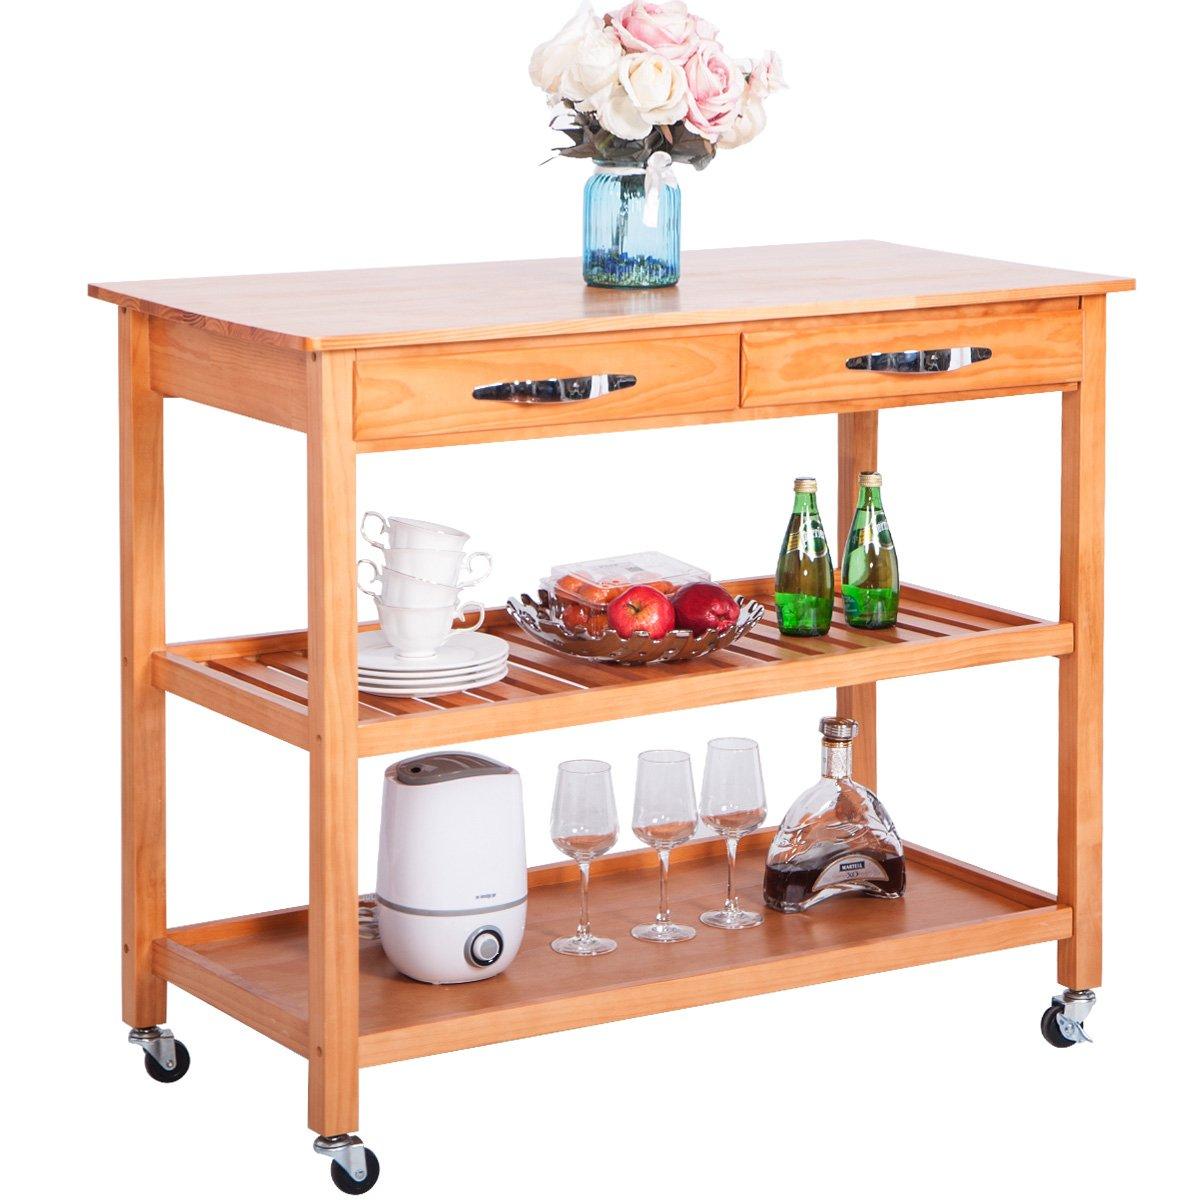 LZ LEISURE ZONE Kitchen Island Cart with Wheels, Drawers Shelves Storage Shelf Walnut